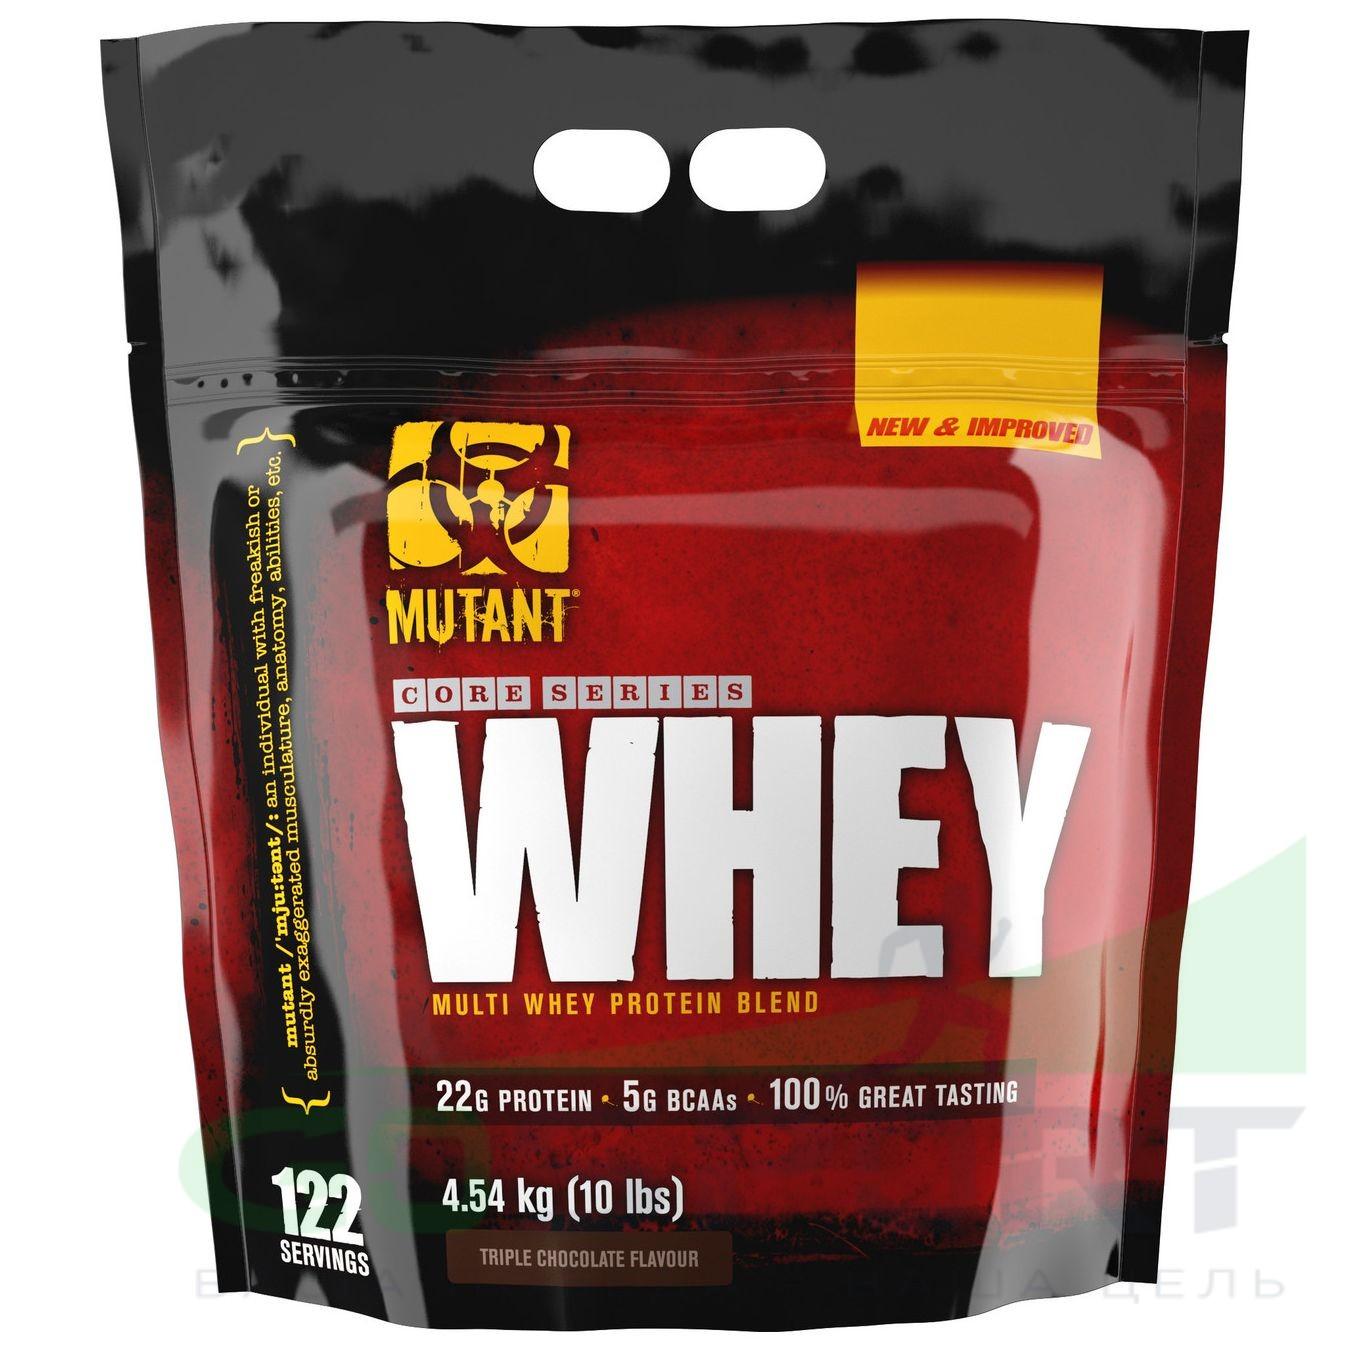 Говяжий протеин: топ-5 лучших добавок, плюсы и минусы